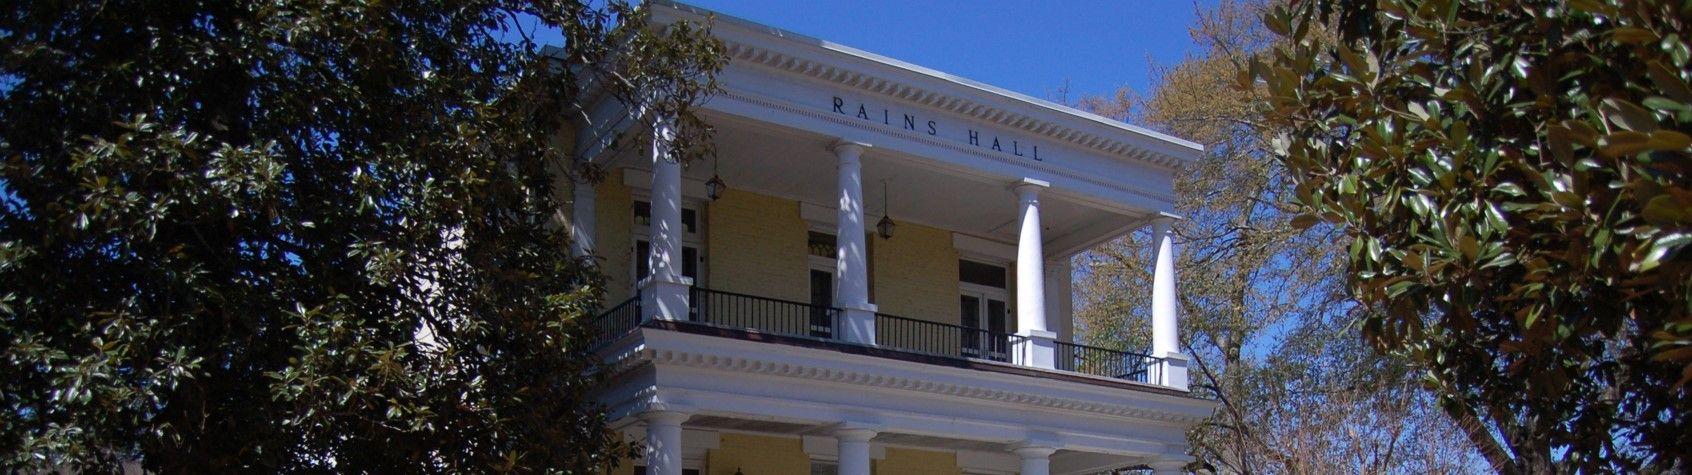 Banner Augusta in 2020 Image house, Best banner design